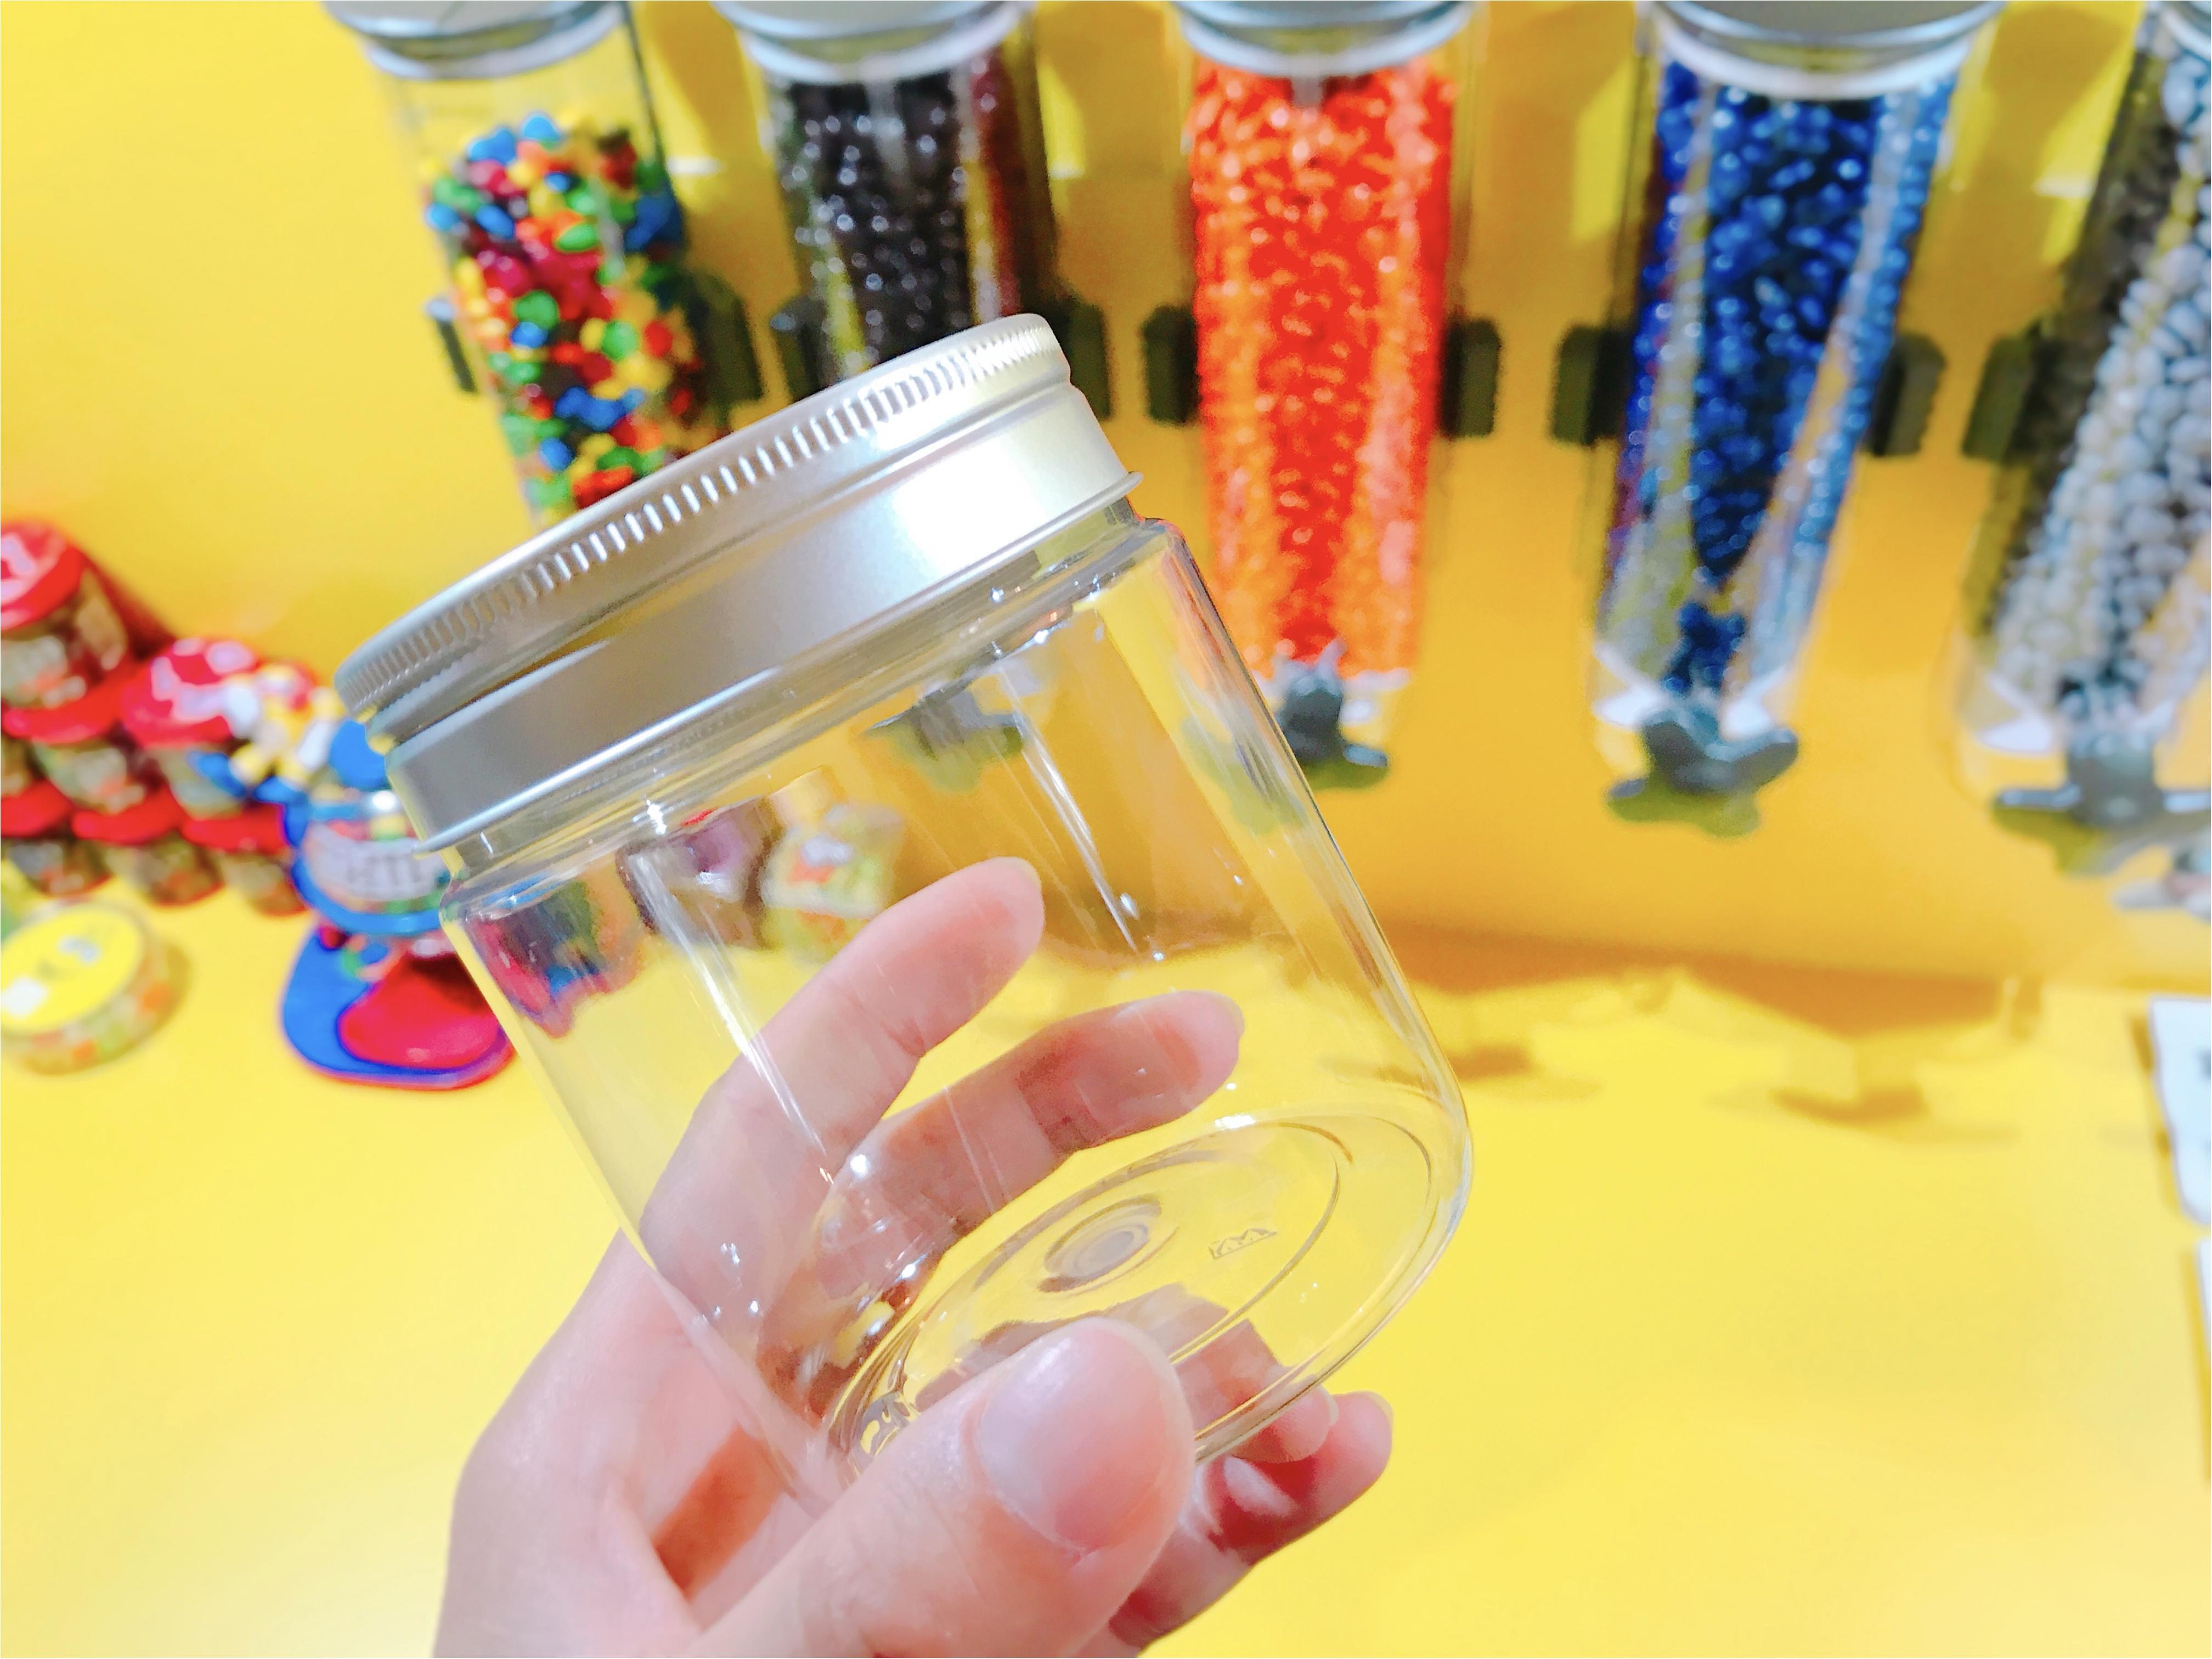 《期間限定》原宿にNY発カラフルパフェ登場✨日本初上陸のM&M'Sマイボトルチョコを作っちゃおう♪_5